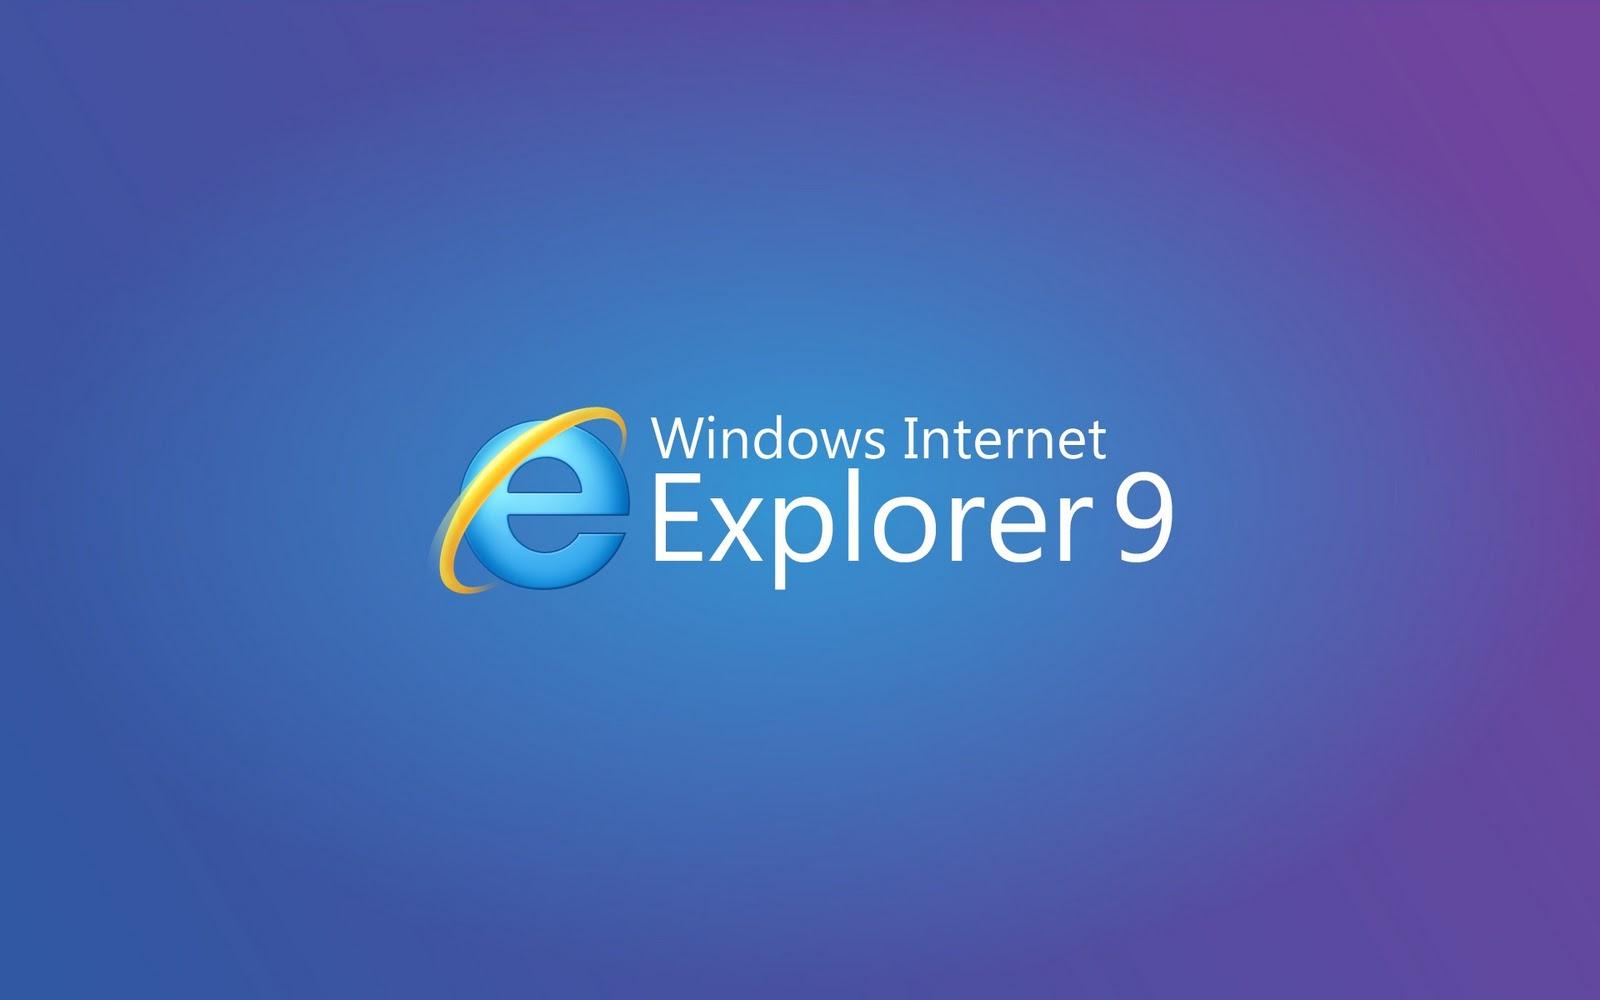 http://2.bp.blogspot.com/-25k5q1YE_8c/TZihQoRfj3I/AAAAAAAAAU4/3kIYjfbXwvQ/s1600/01-Internet-Explorer-9-Wallpaper2.jpg